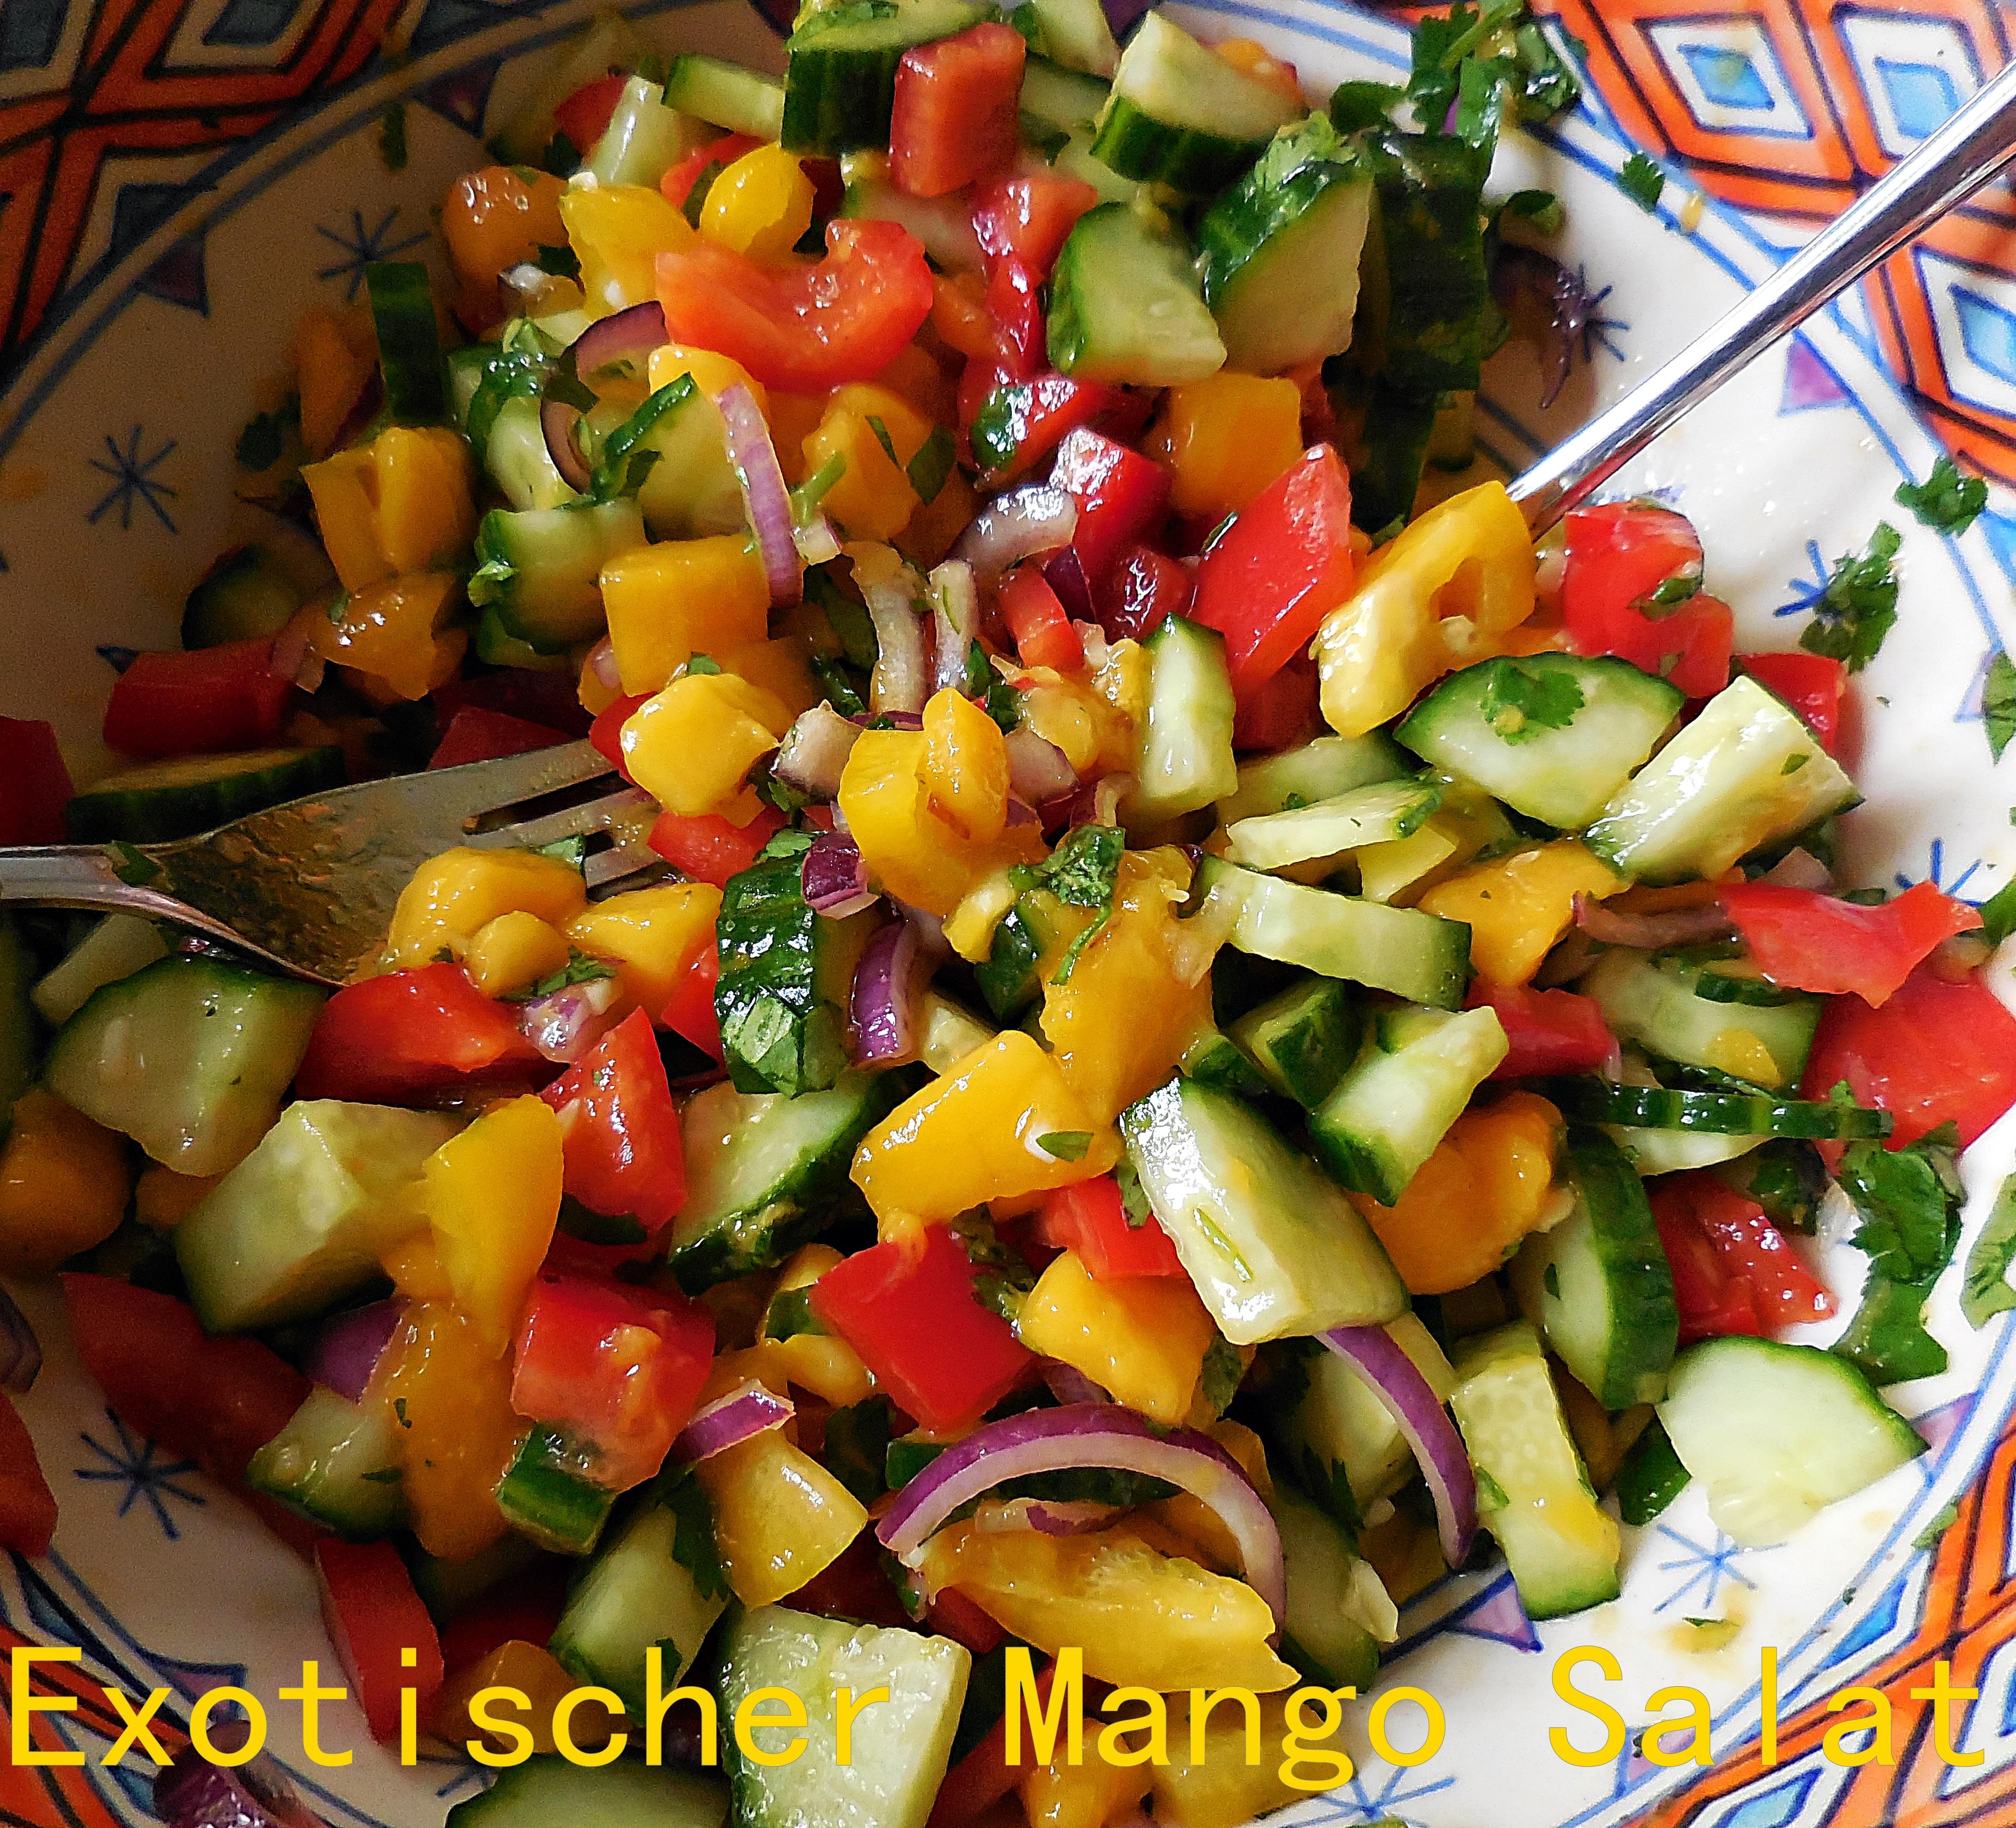 exotischer mangosalat